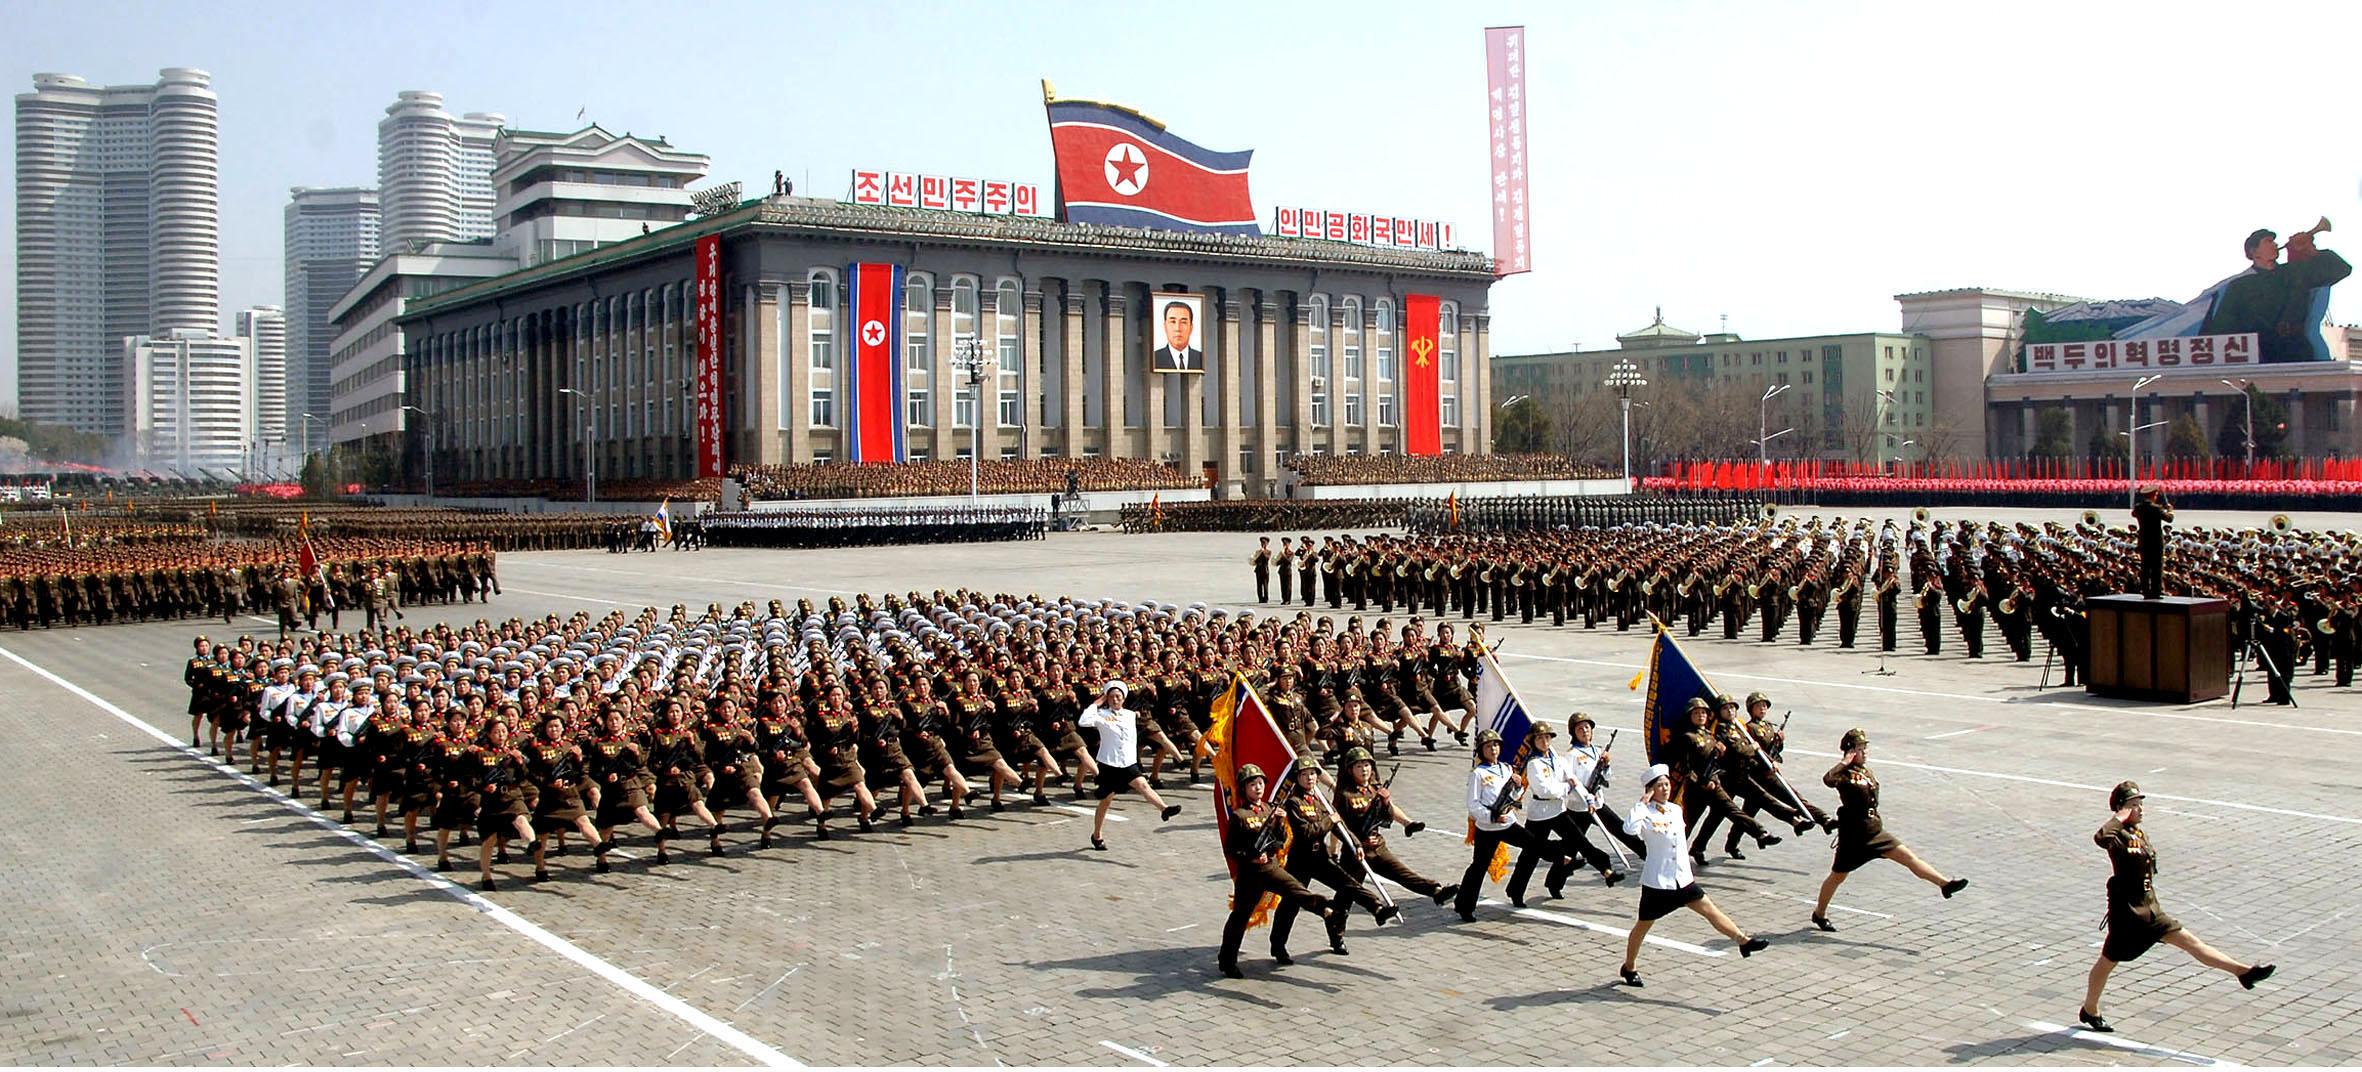 65-летняя история Кореи по пути сонгуна и социализма